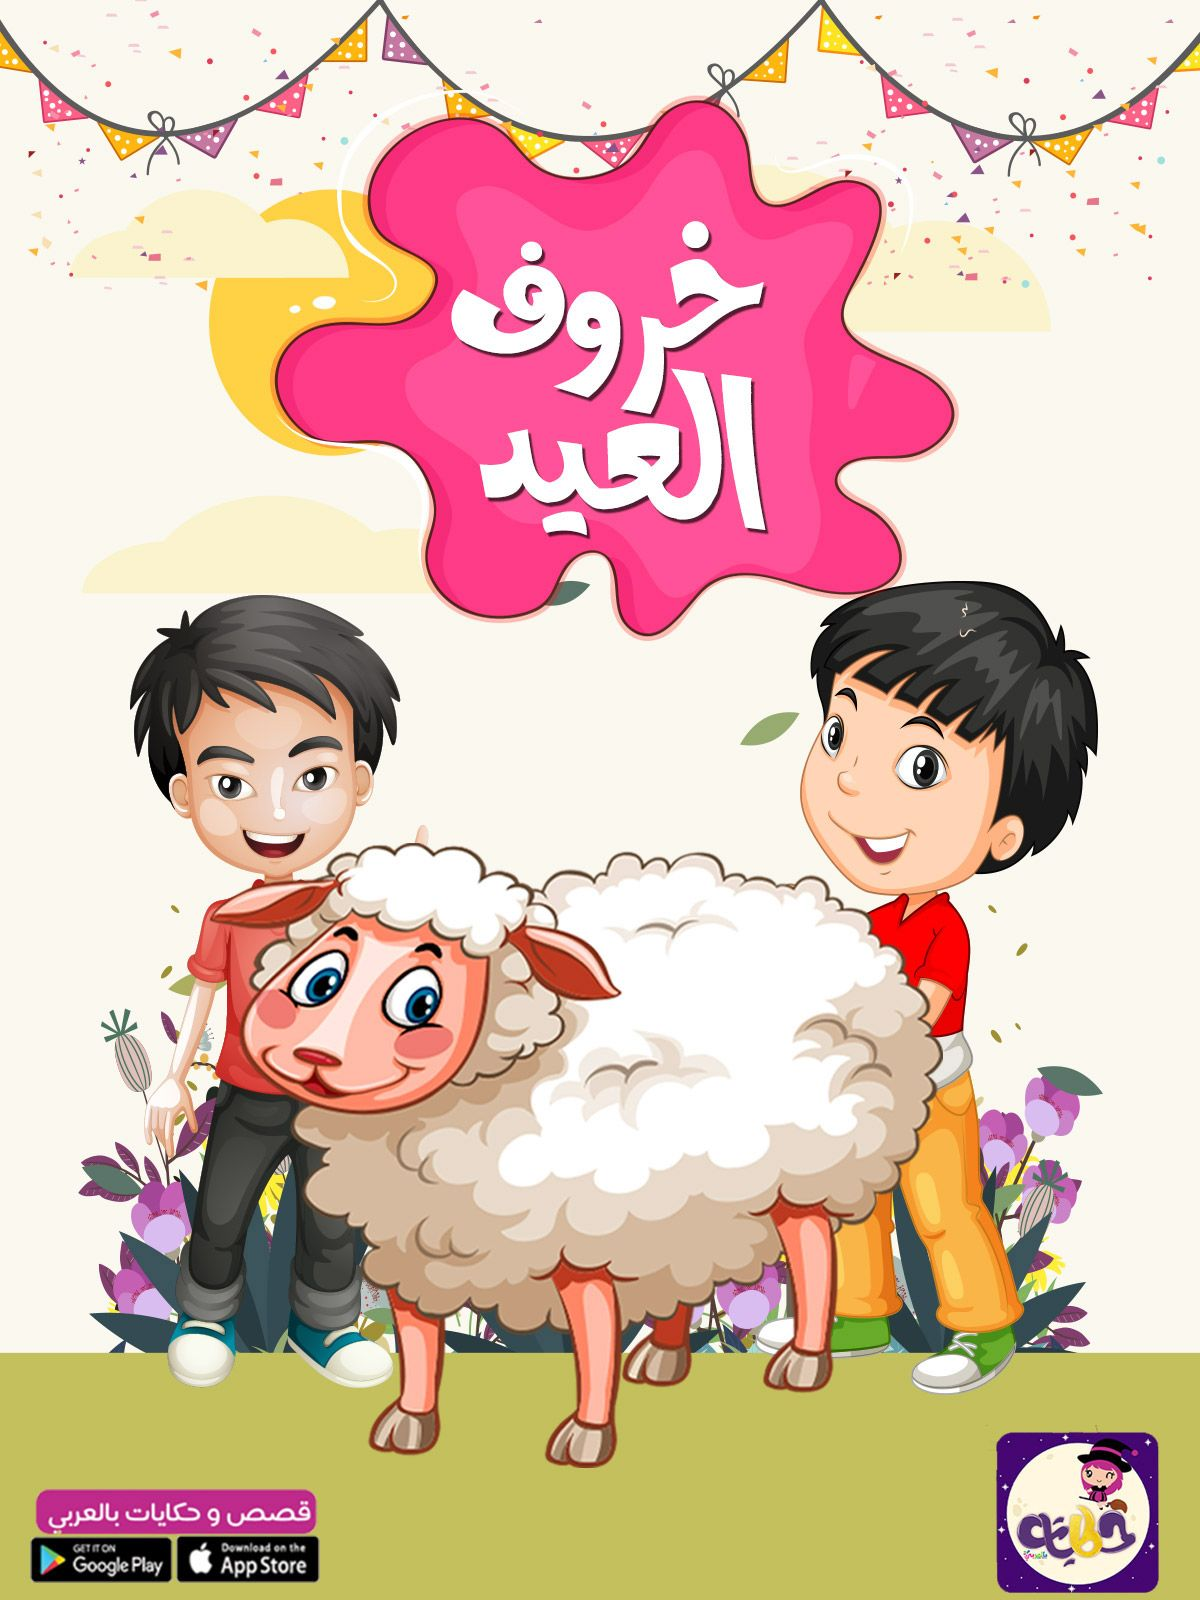 قصة خروف العيد من حكايات العيد للاطفال تطبيق قصص وحكايات بالعربي قصص تربوية هادفة Arabic Kids Stories For Kids Eid Ul Adha